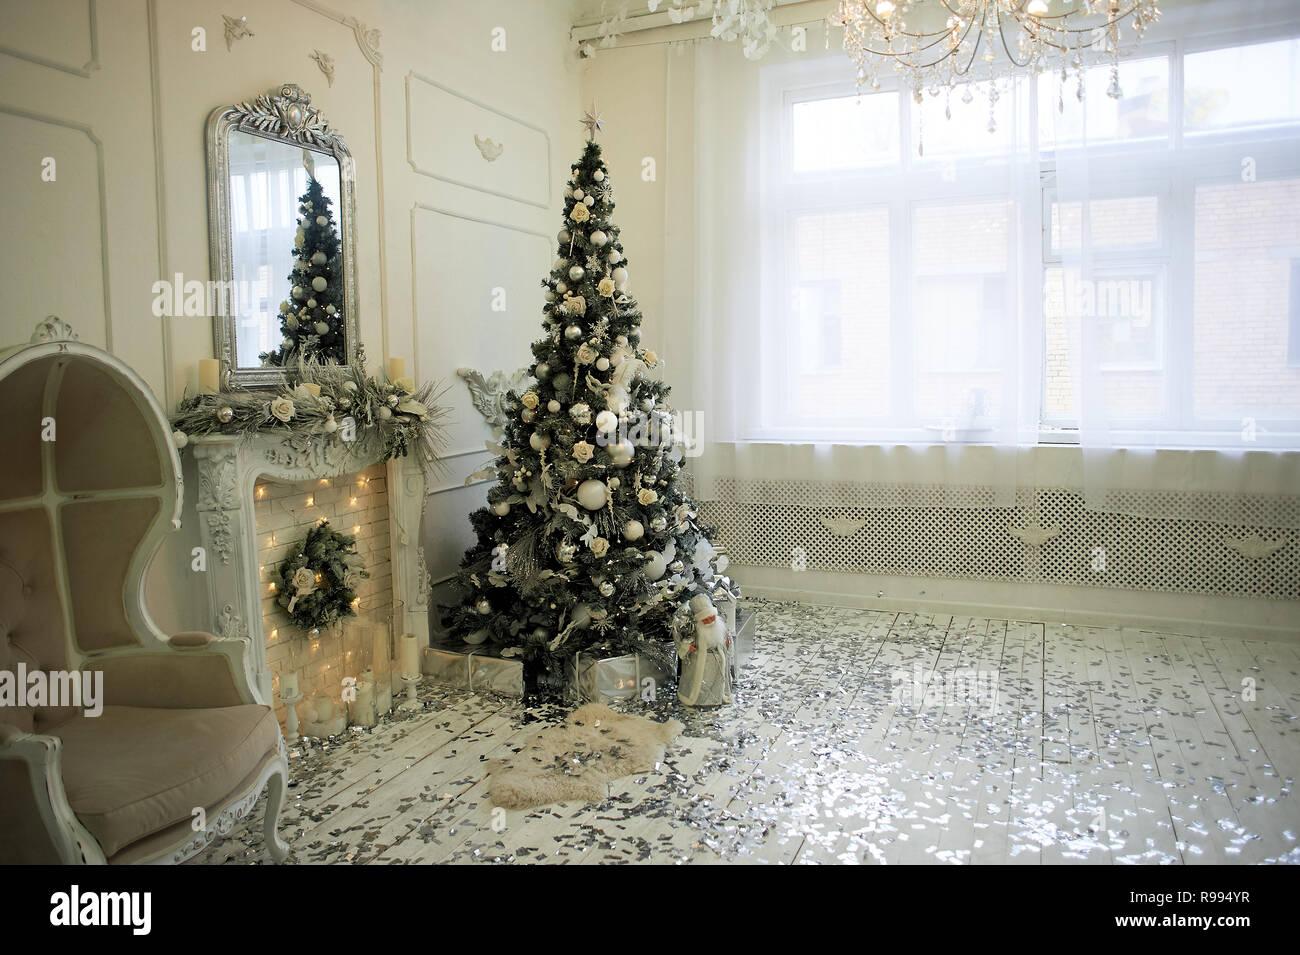 Massive alten Stuhl mit Licht Stoffbezüge und hohen Rücken geschlossen. Das neue Jahr Atmosphäre. Palace Interieur mit Weihnachtsbaum Stockbild